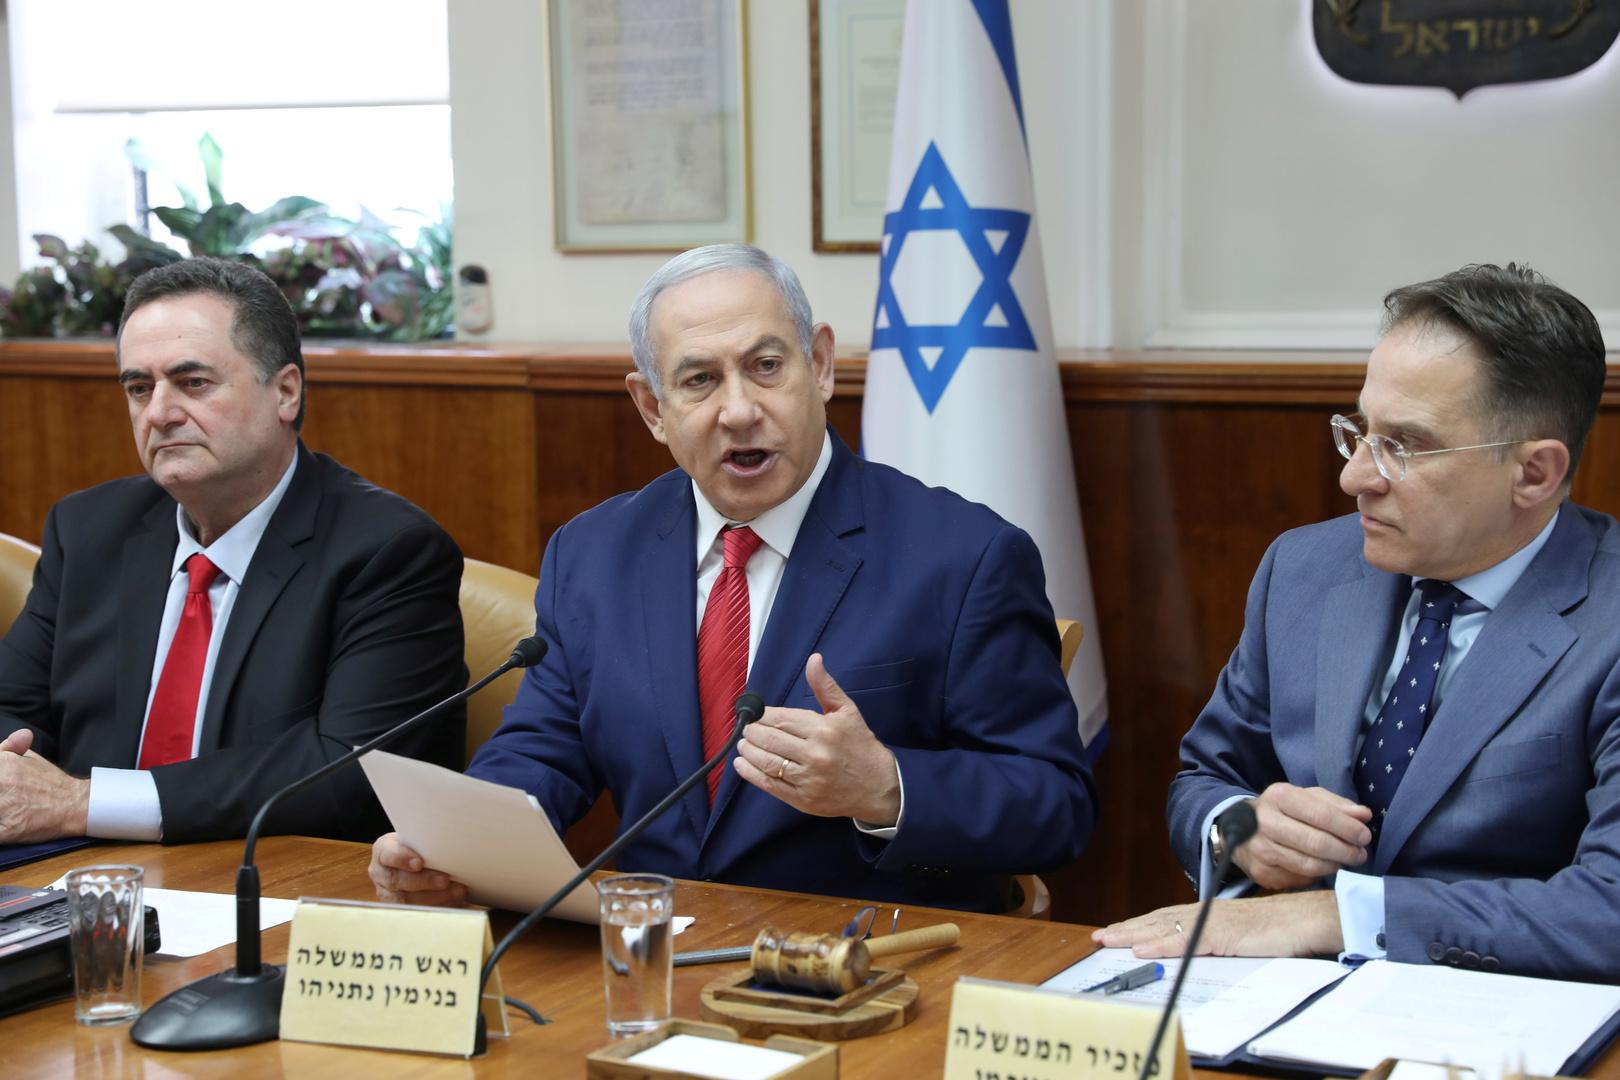 المجلس الأمني الإسرائيلي المصغر يبحث اليوم التوتر في الخليج